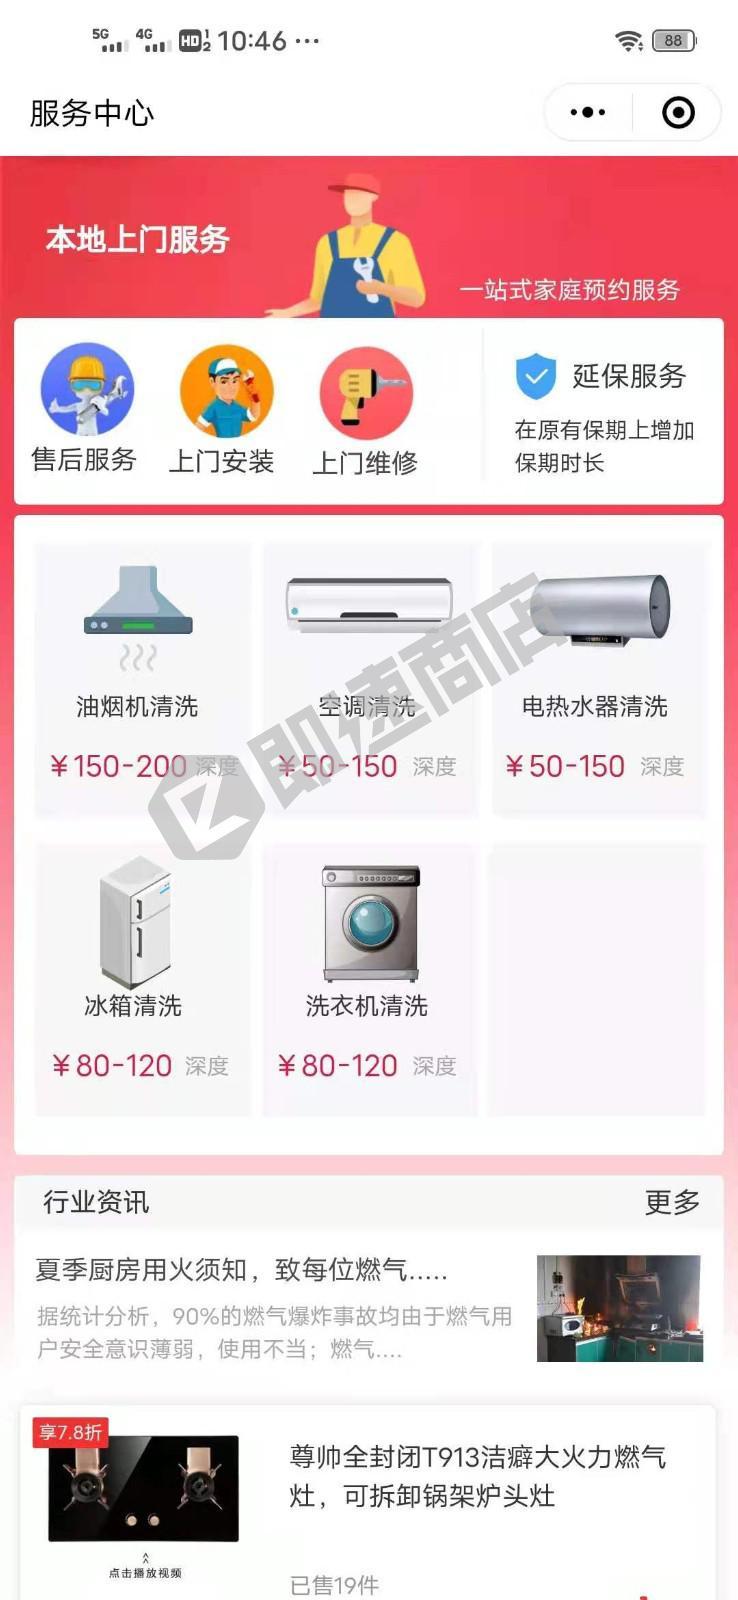 广元厨卫电器批发小程序首页截图